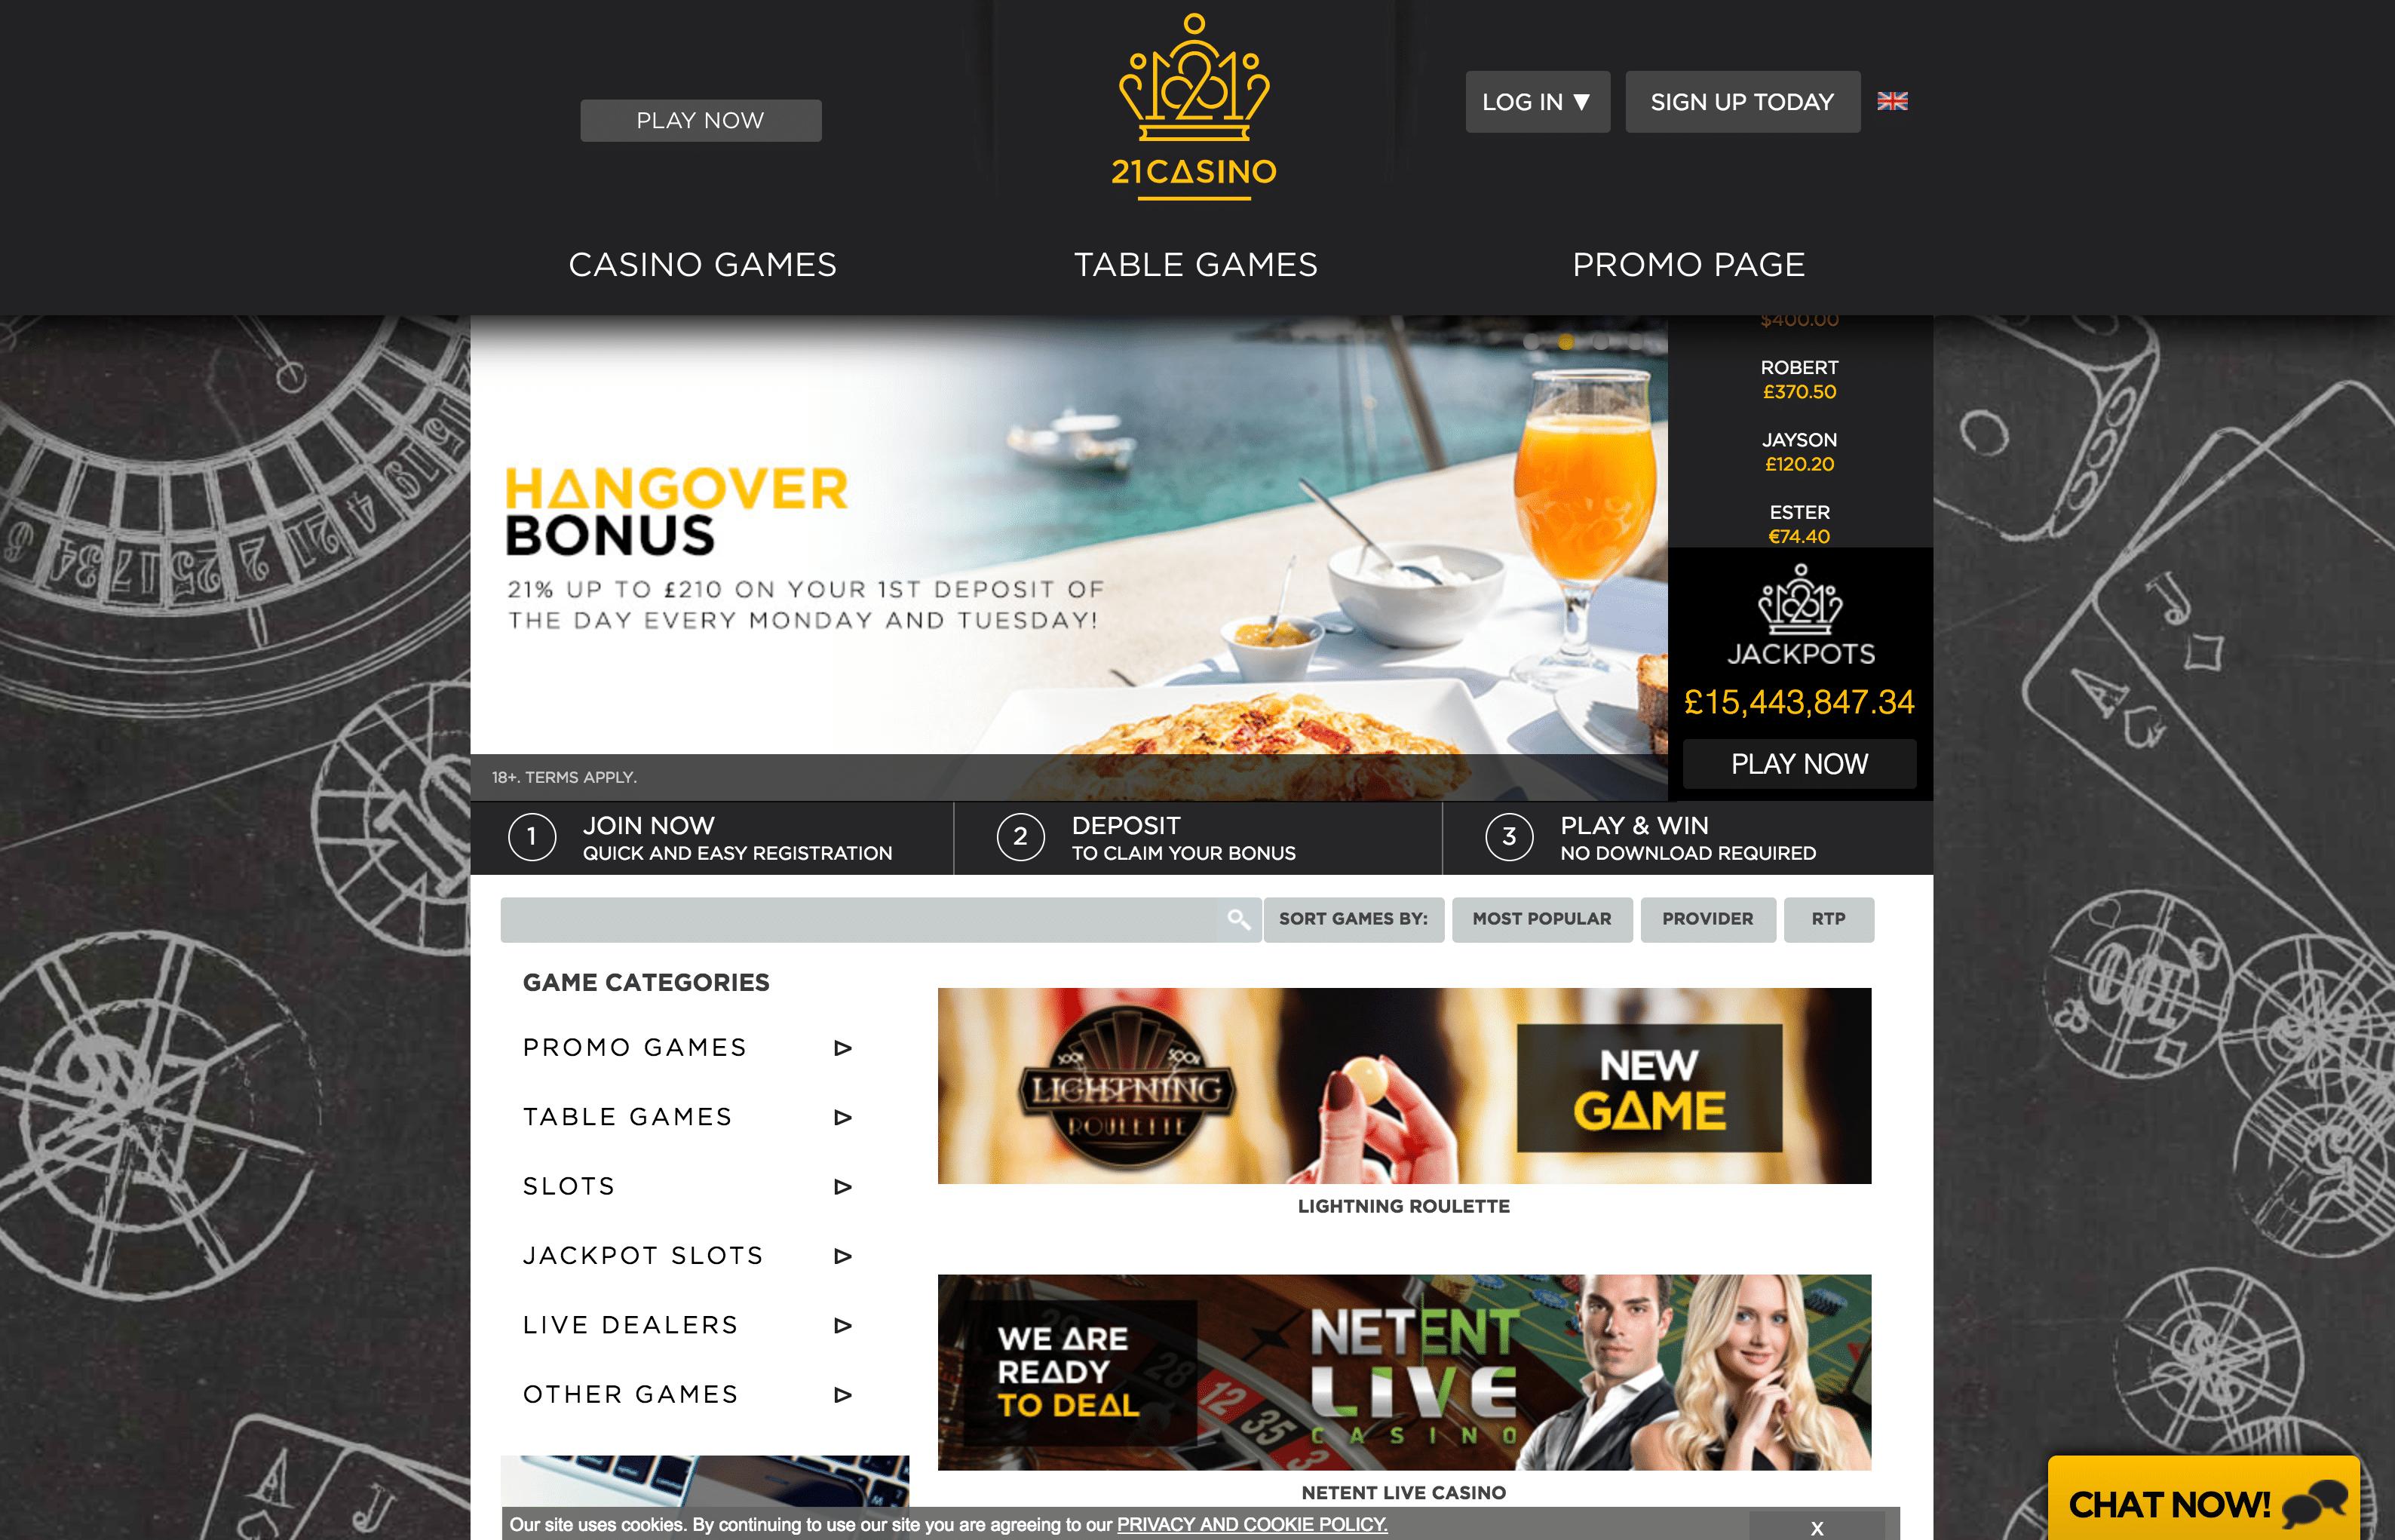 Royal vegas casino real money